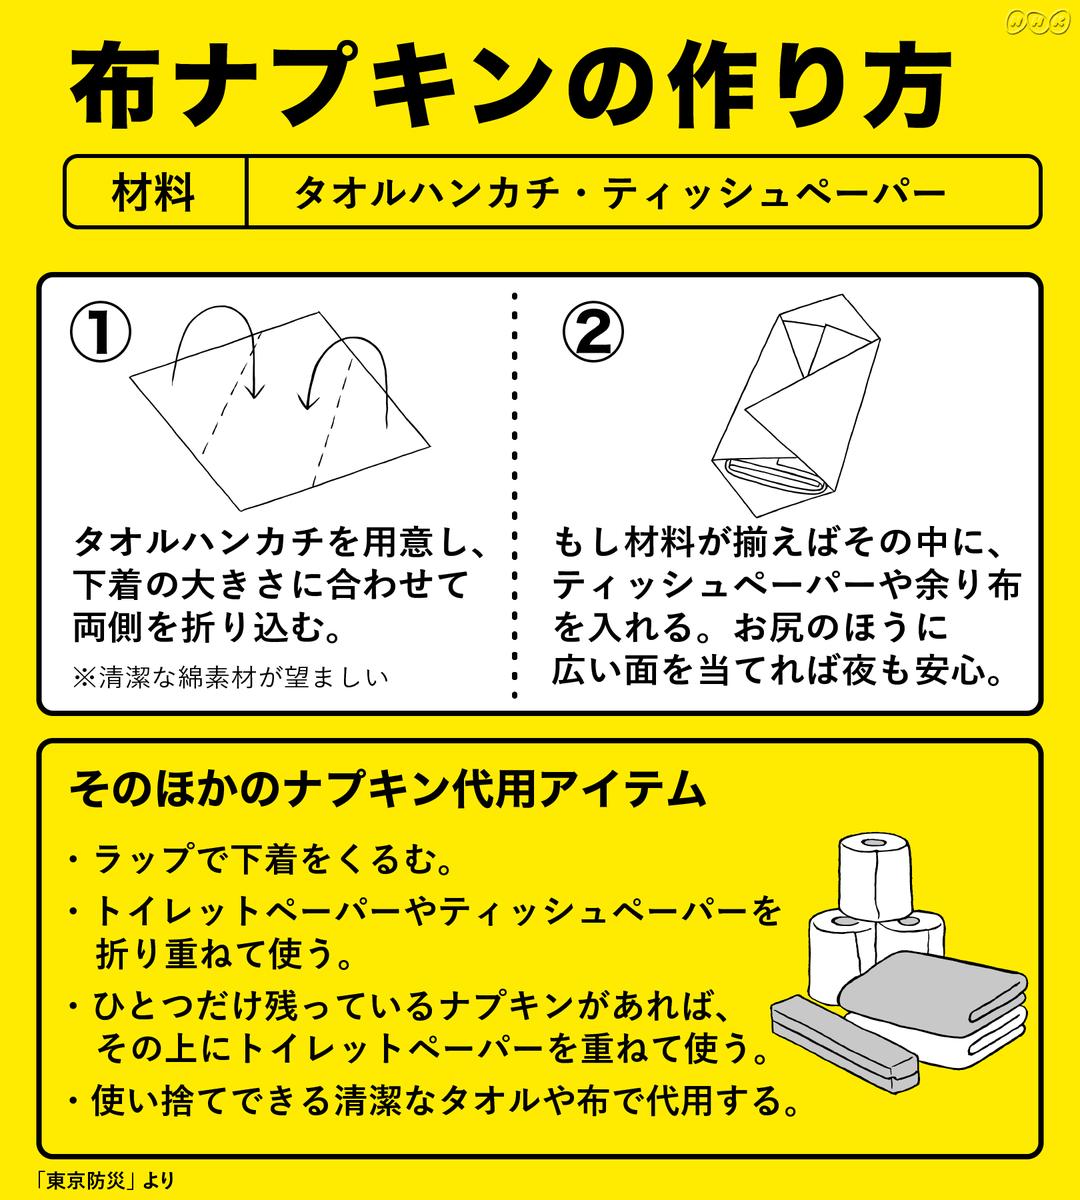 代用 生理 ナプキン